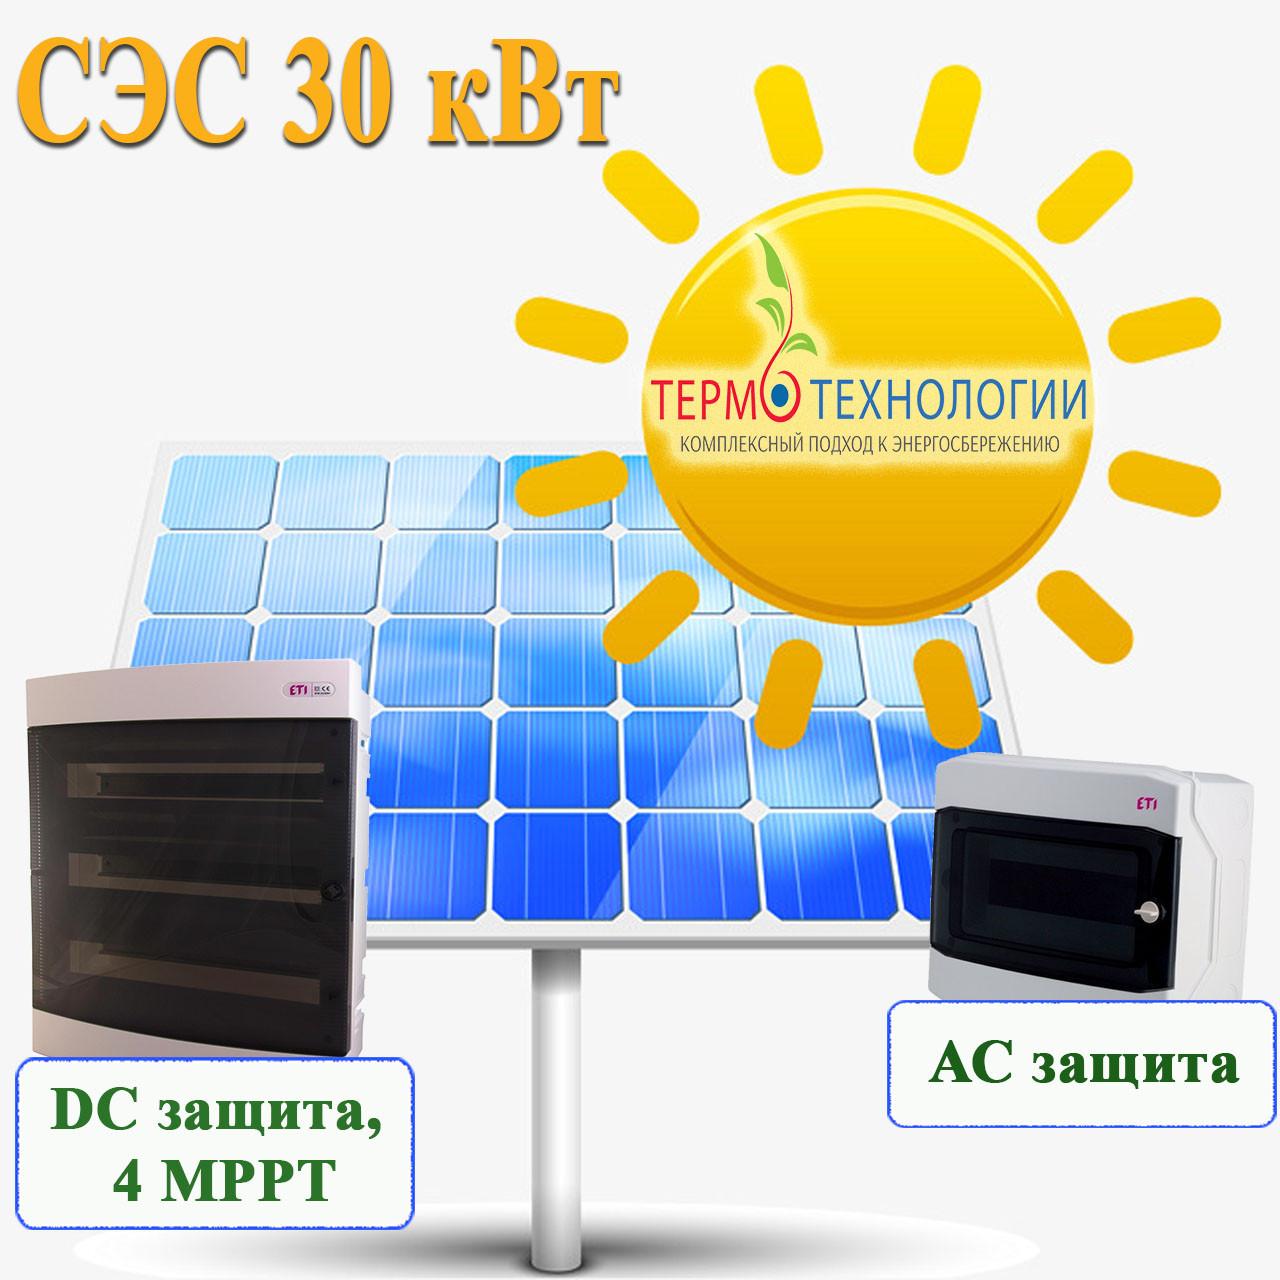 Комплект DC и AC защиты СЭС сетевого типа мощностью 30 кВт 4 МРРТ